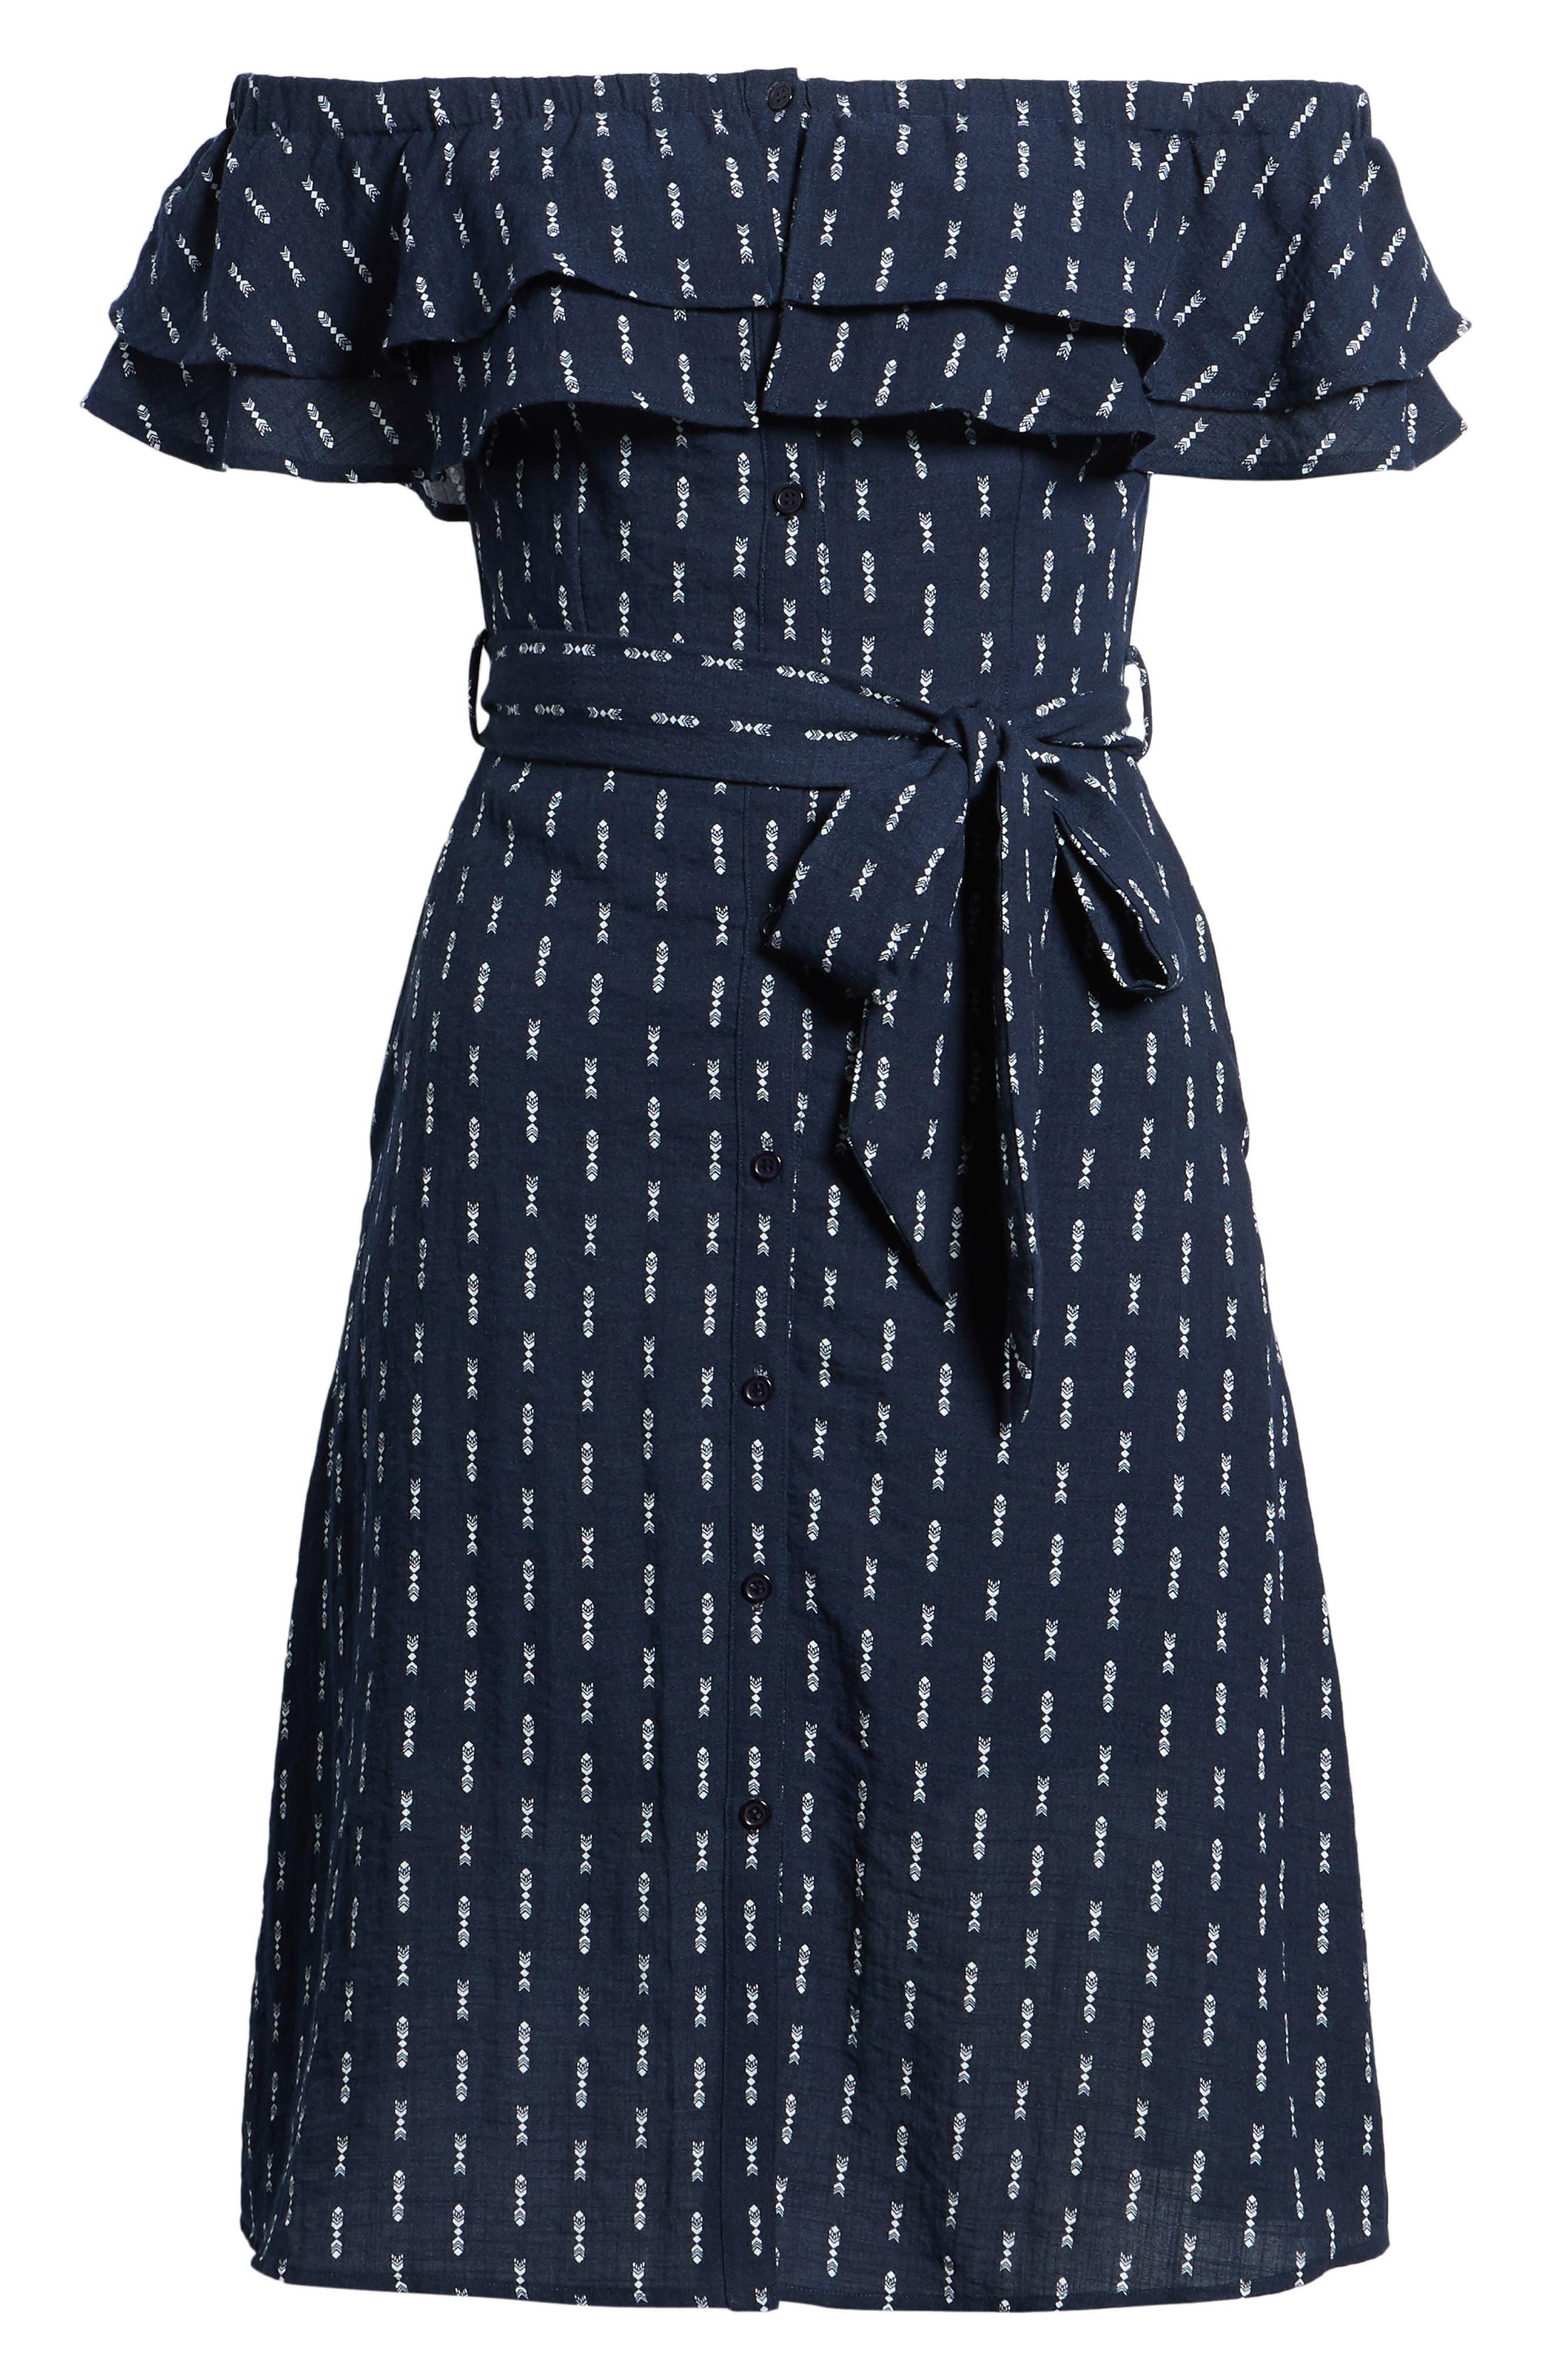 Melrose Off the Shoulder Dress,                             Alternate thumbnail 8, color,                             Navy